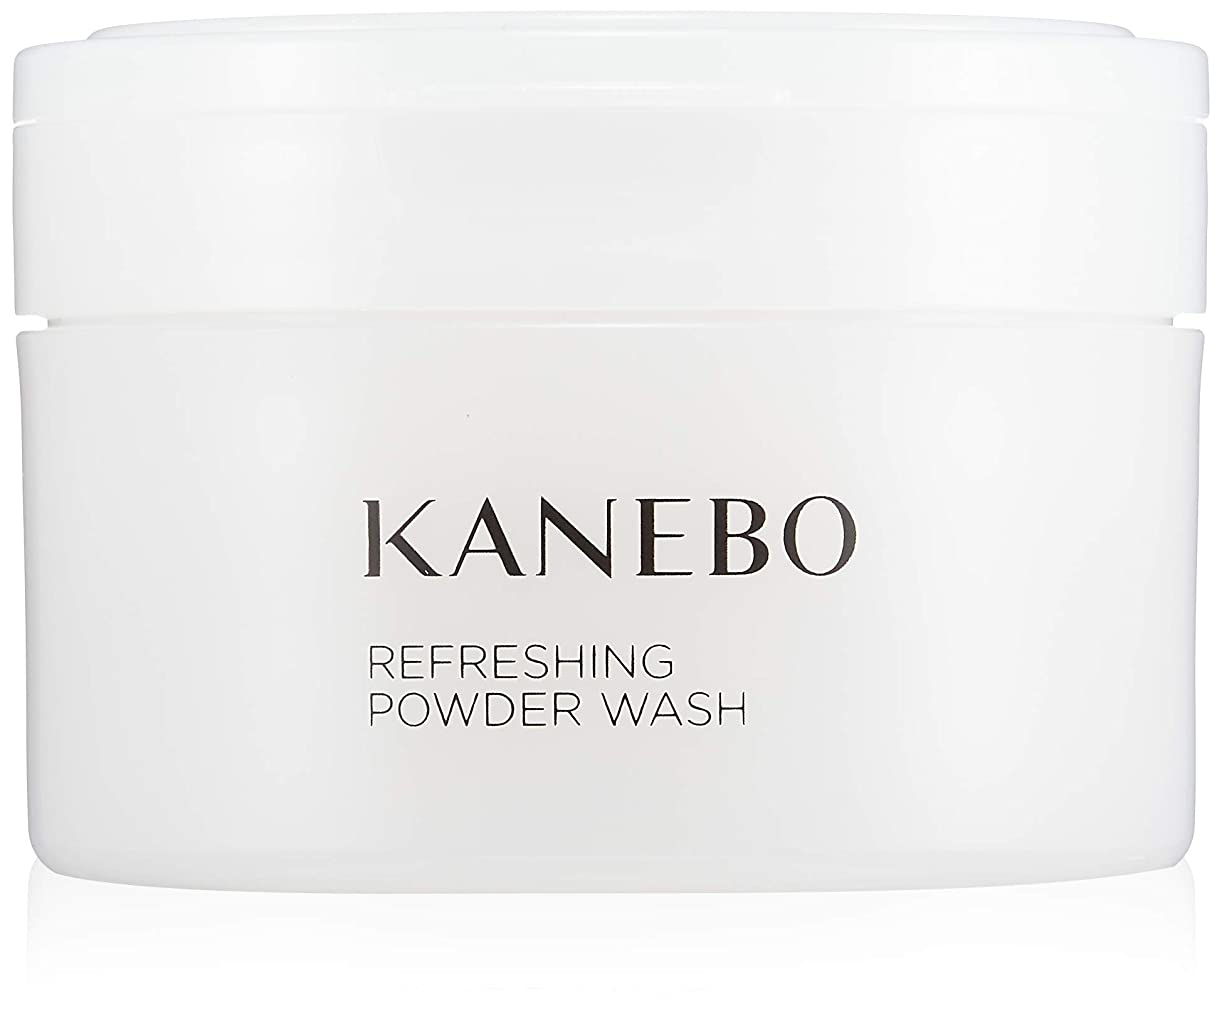 技術規制まだらKANEBO(カネボウ) カネボウ リフレッシング パウダー ウォッシュ 洗顔パウダー